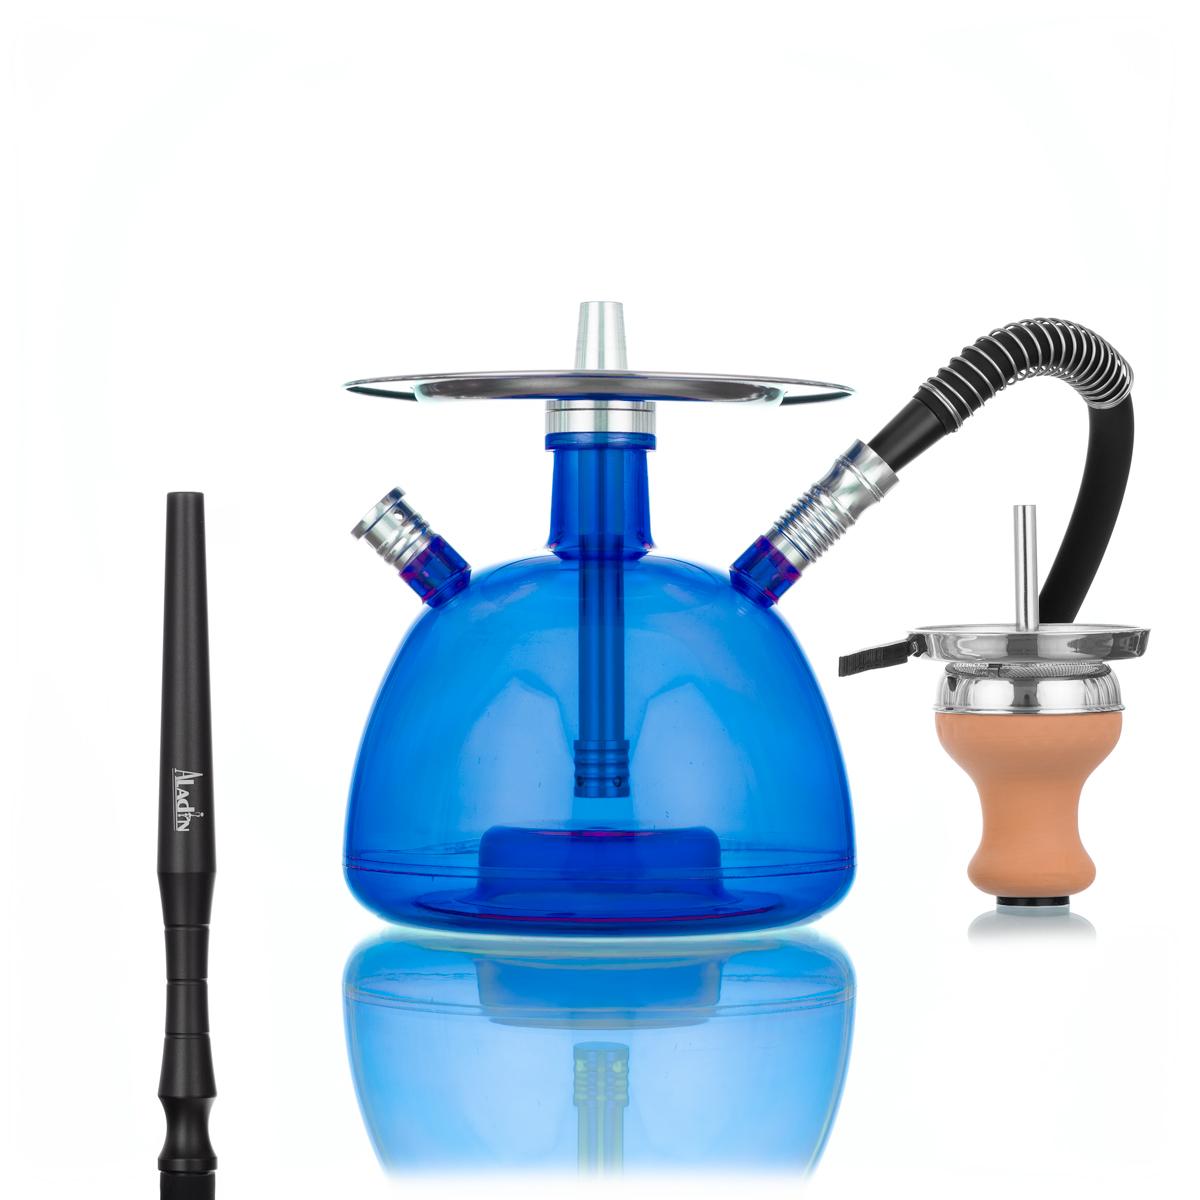 Aladin Acryl Shisha Outdoor (Blau)